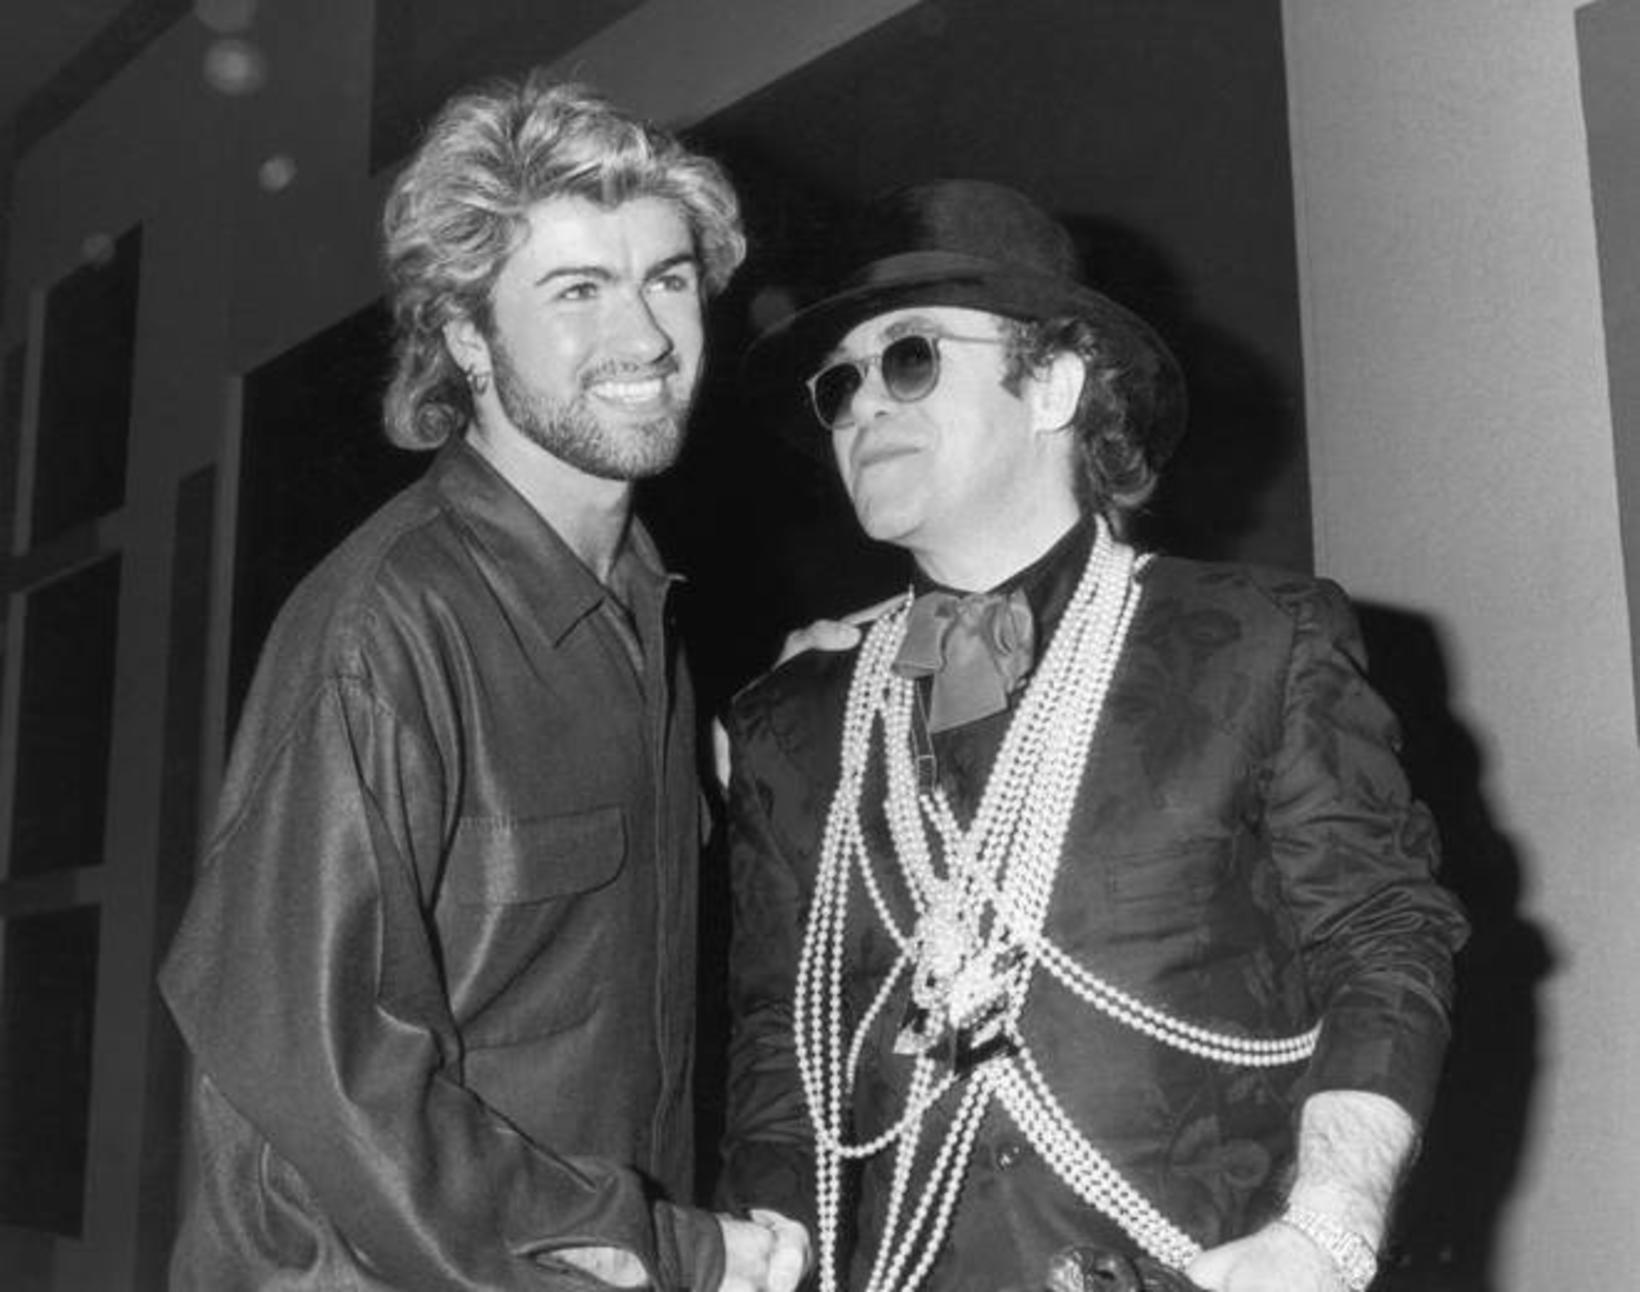 Þeir félagar George Michael og Elton John verða eflaust fyrirferðamiklir …